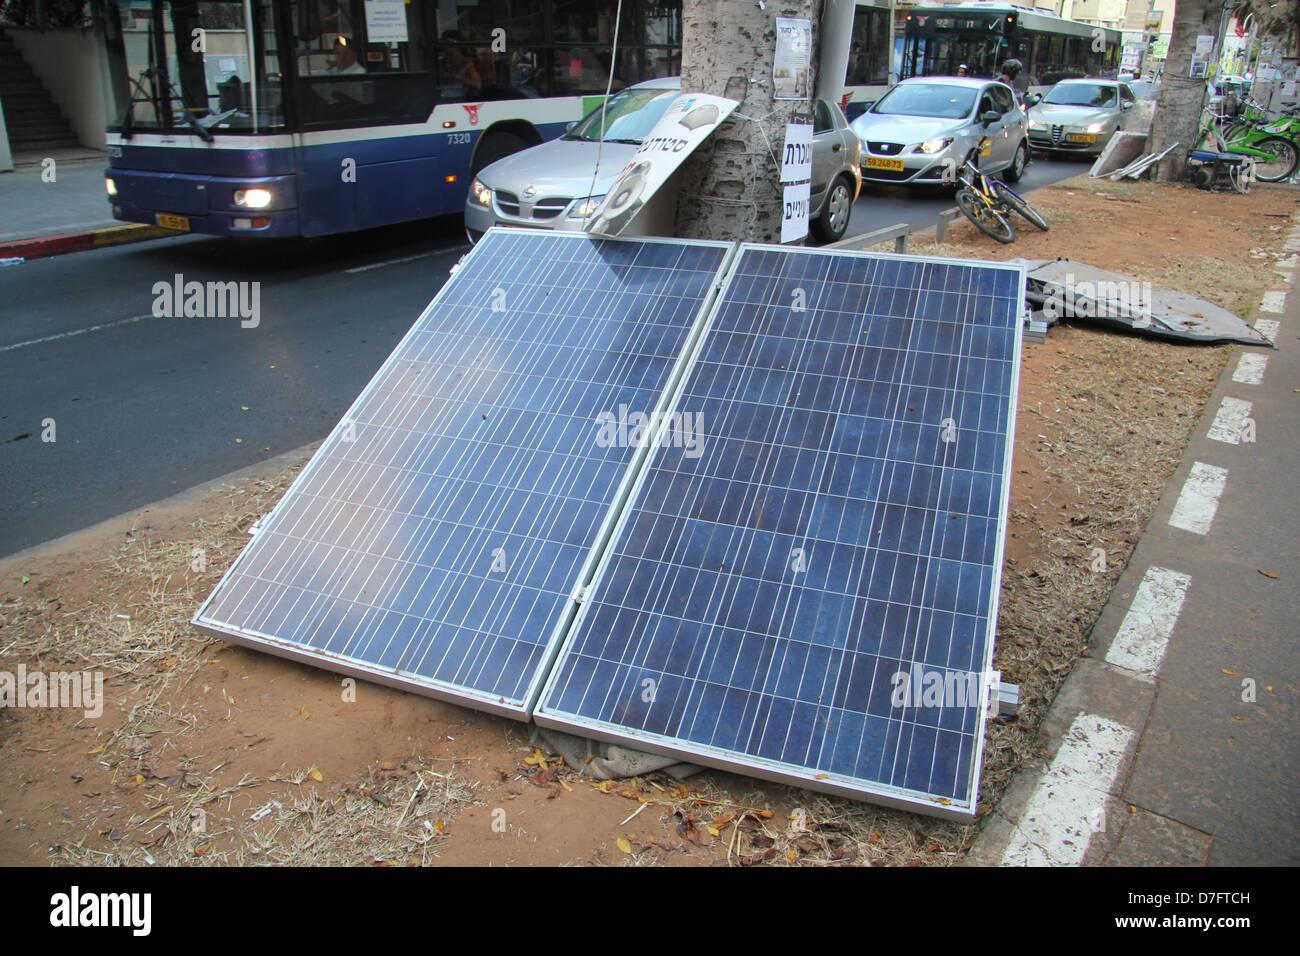 Los colectores solares utilizados para proporcionar energía a la carpa movimientos de protesta en el Bulevar Rothschild Foto de stock